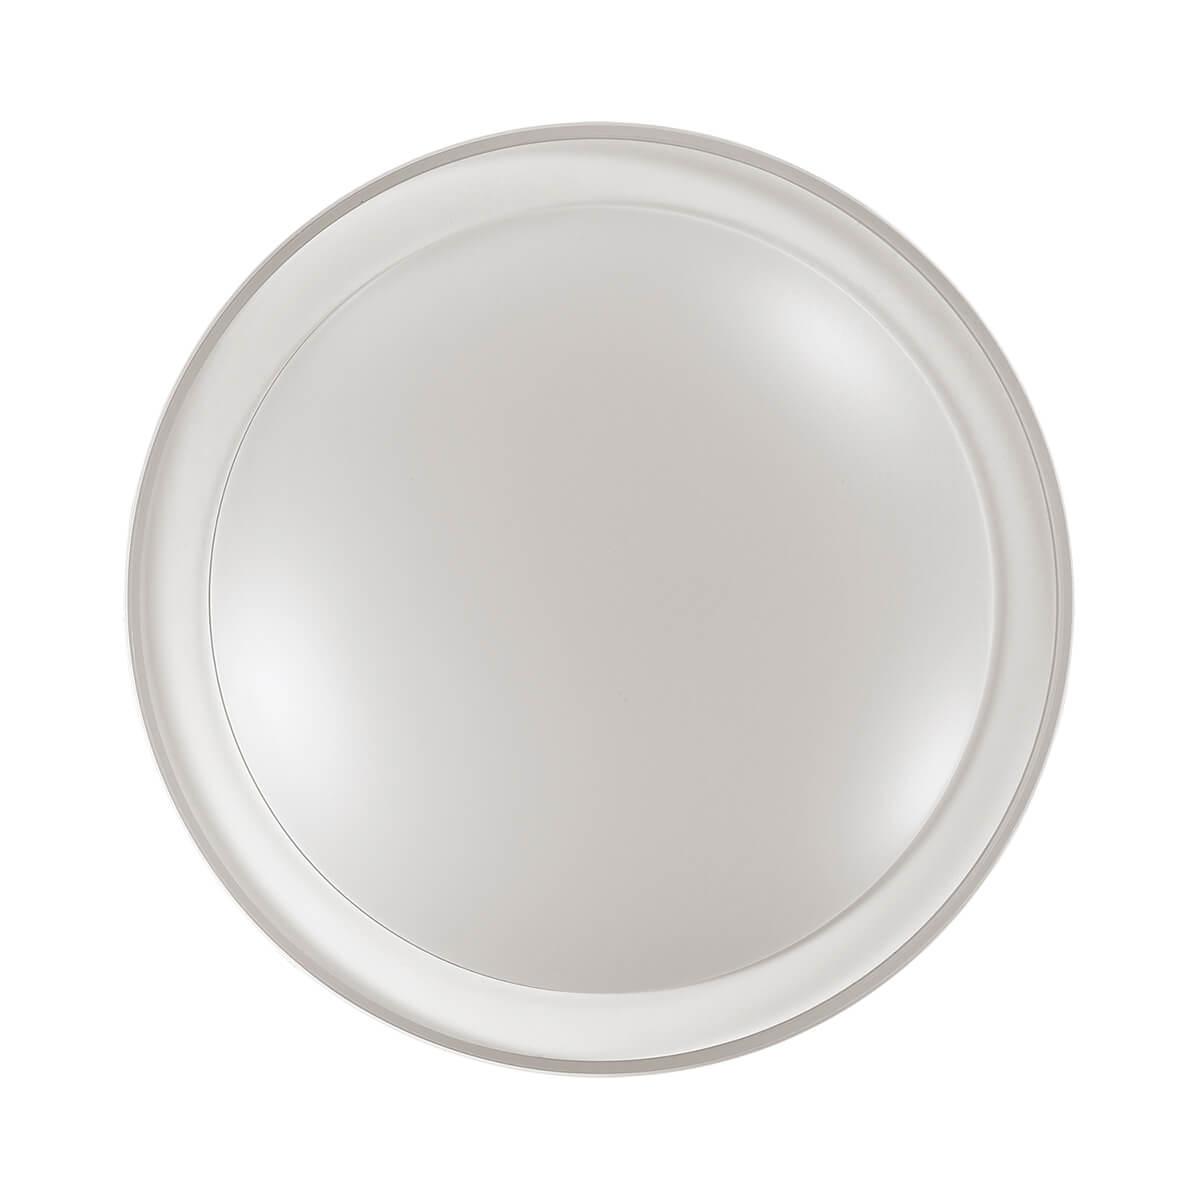 Светильник Sonex 2049/DL накладной светильник 146 sonex